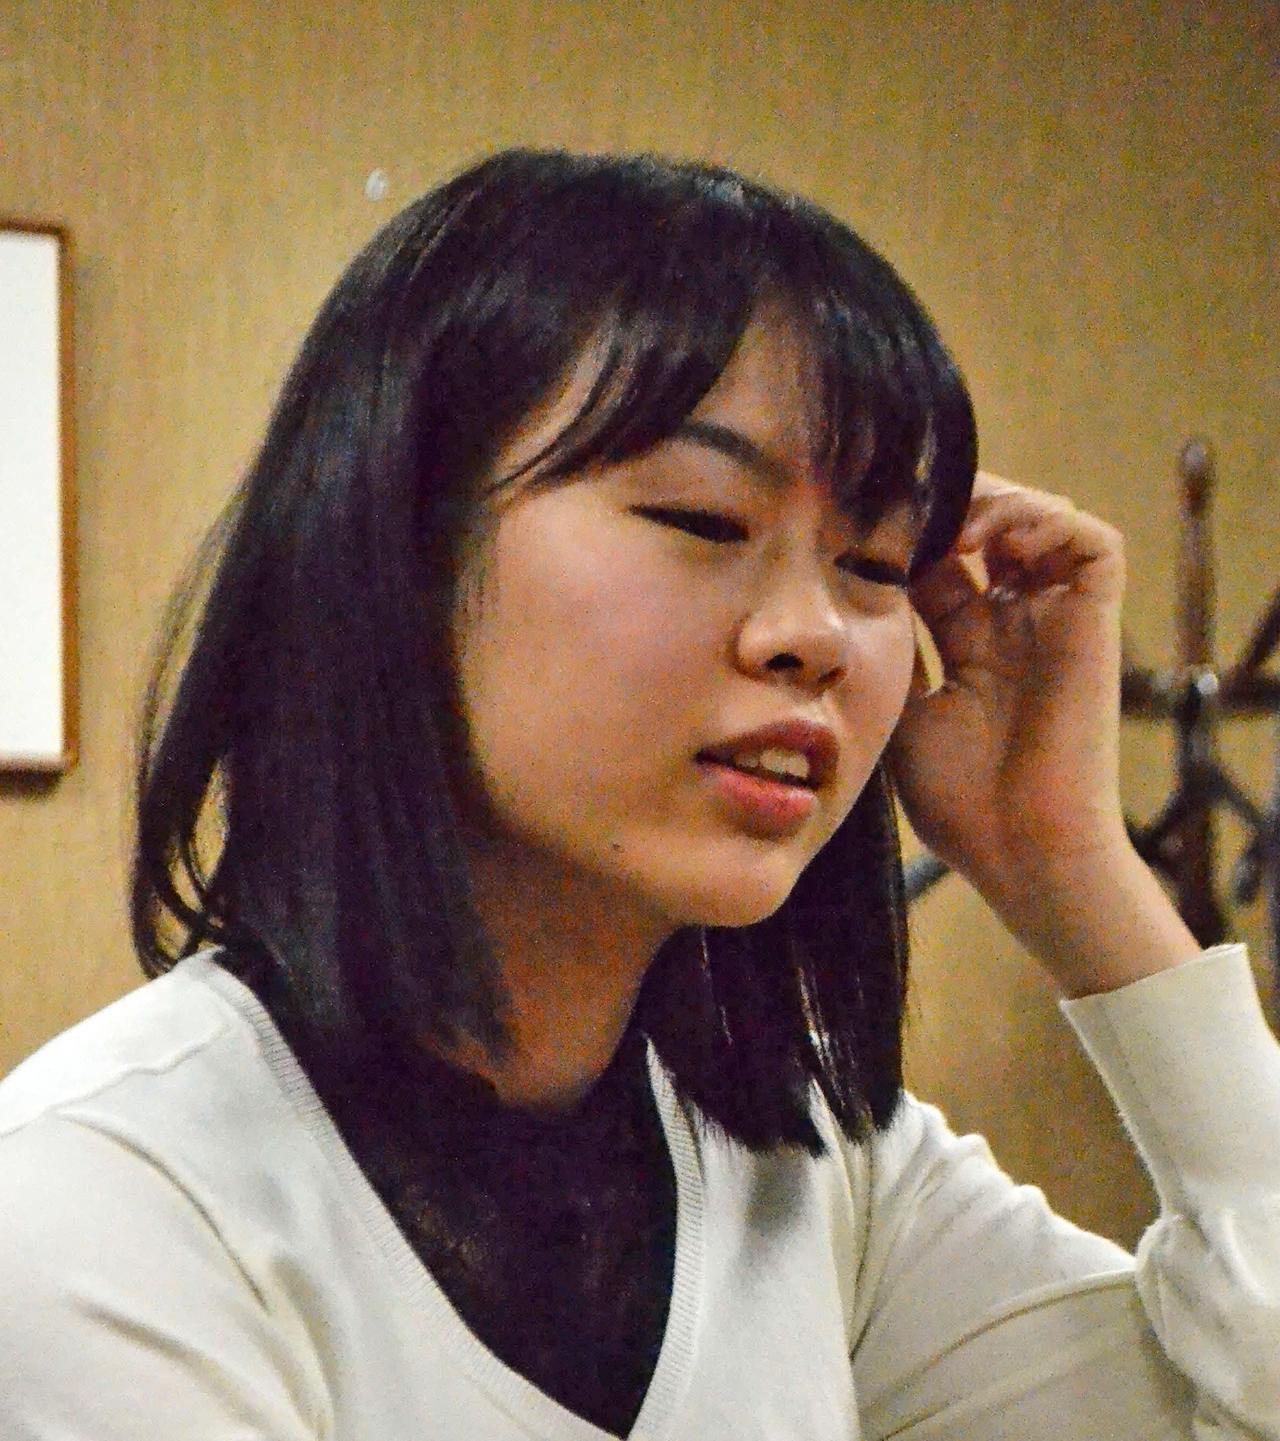 上野愛咲美女流棋聖(2019年11月15日撮影)